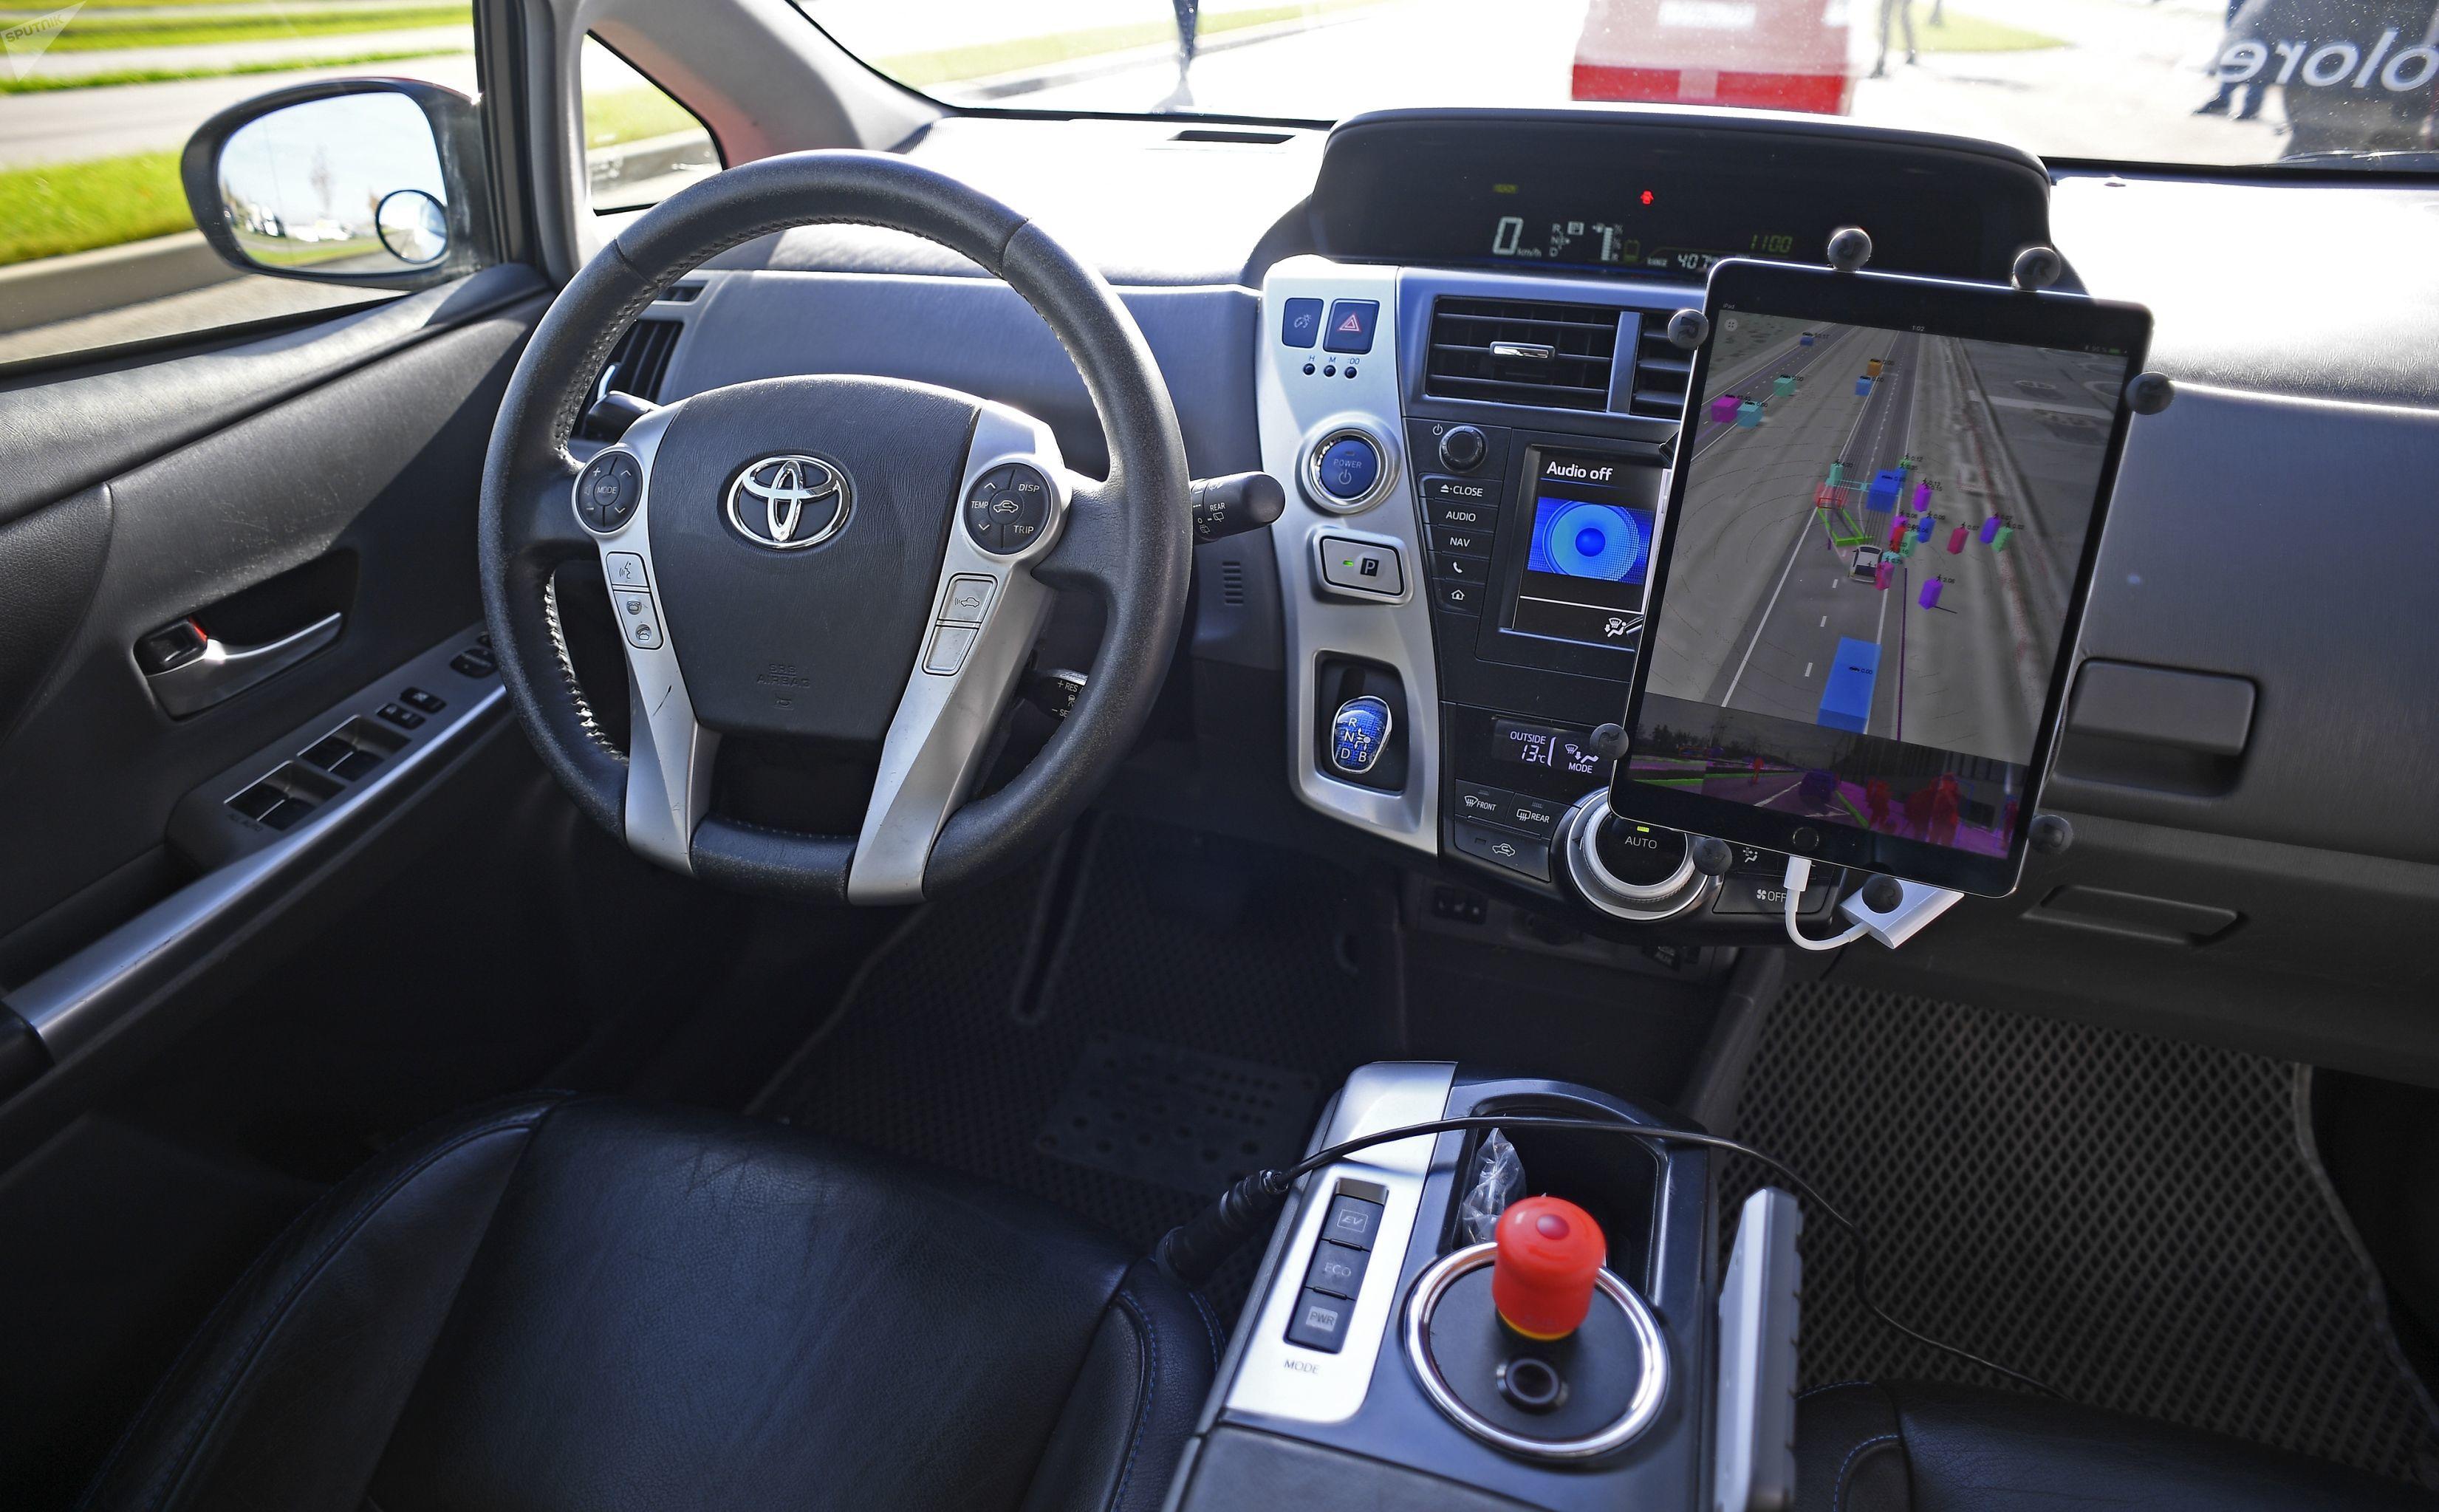 El interior del taxi no tripulado de Yandex